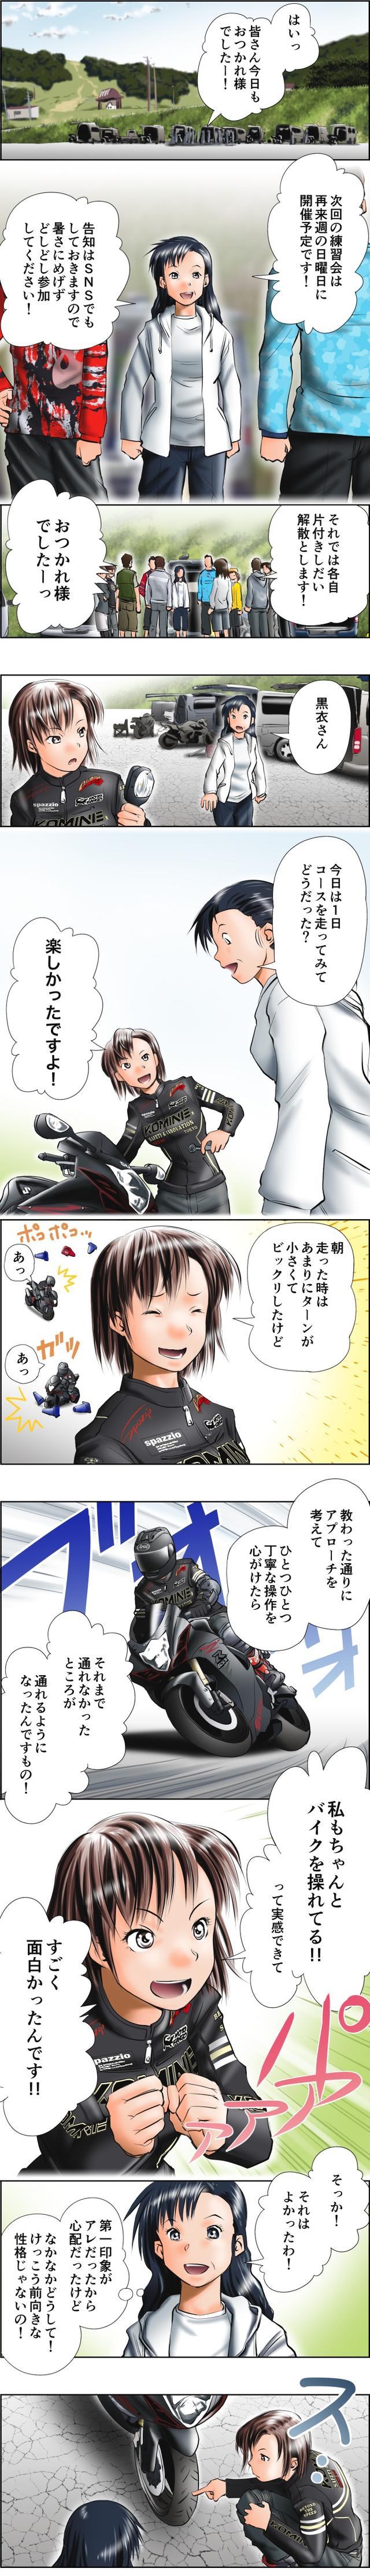 画像3: MOTOジム!(第6話:使い切ることを目指して!)  作・ばどみゅーみん